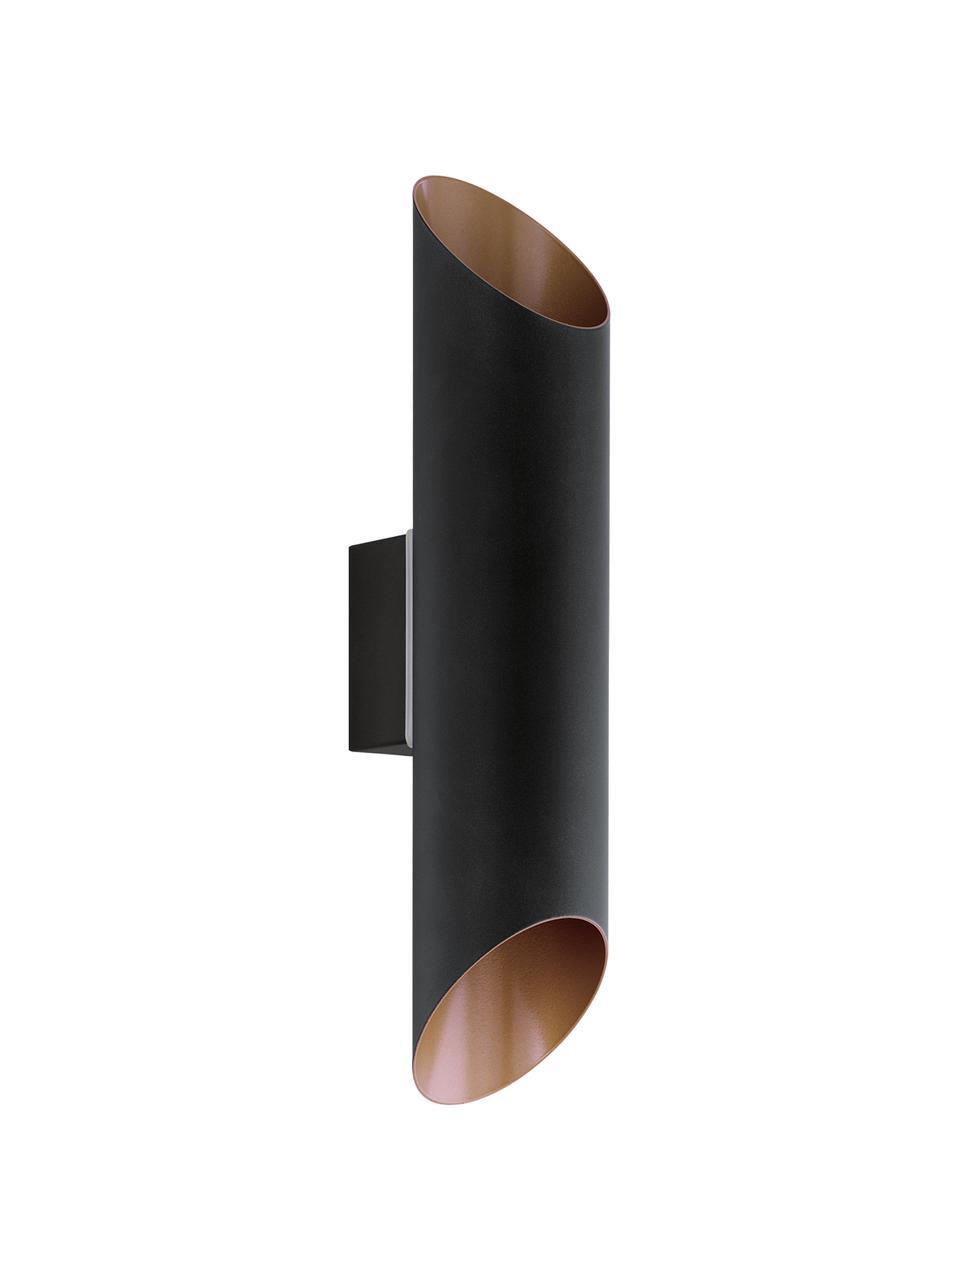 Zewnętrzny kinkiet Agolada, Na zewnątrz: czarny Wewnątrz: odcienie miedzi, S 8 x W 36 cm